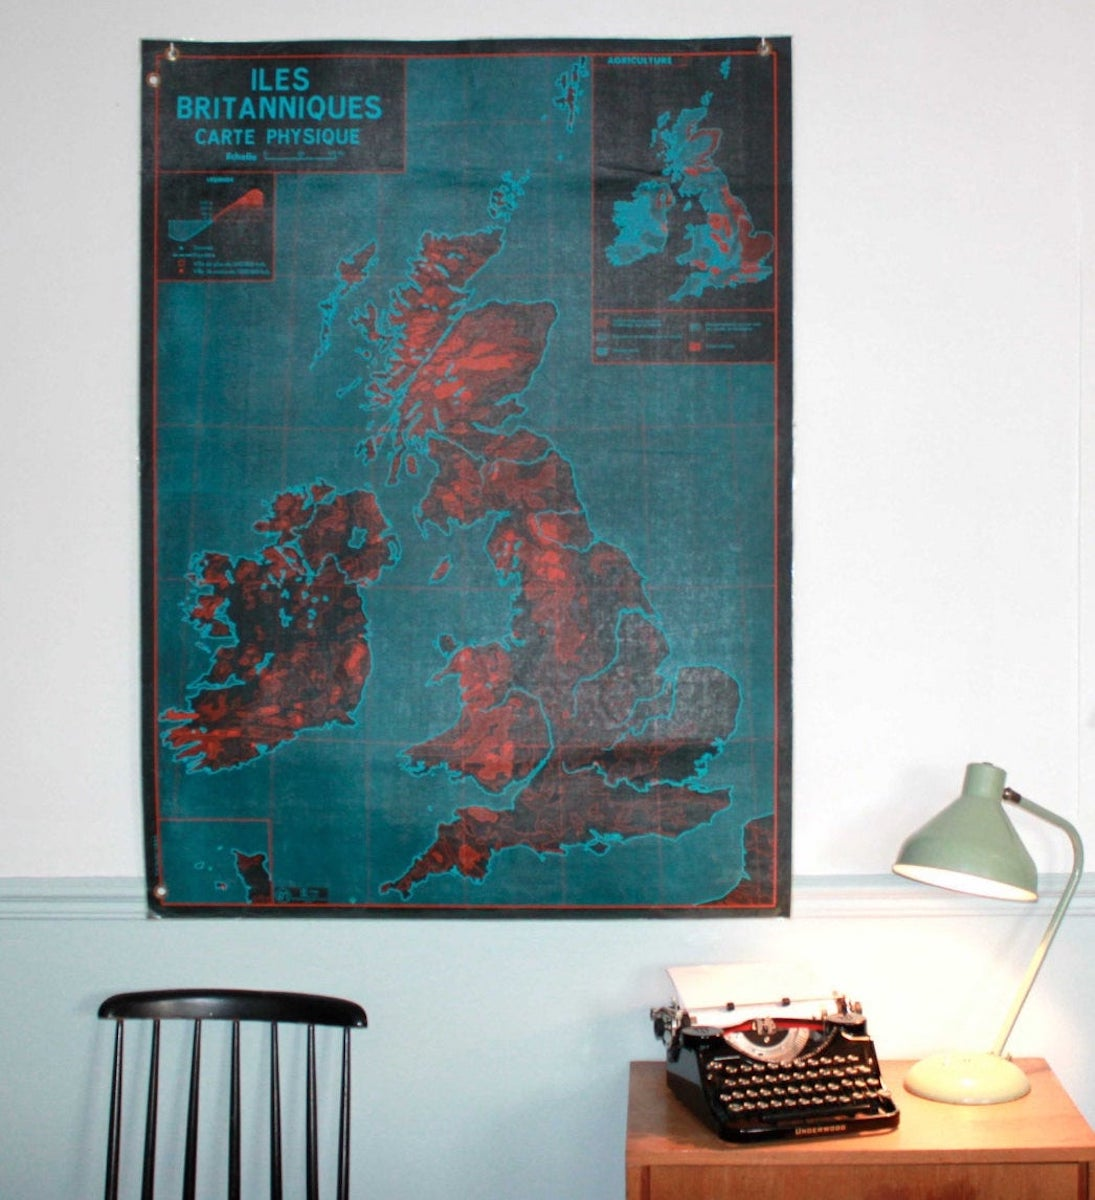 Affiche Etsy Retro Market vintage Angleterre cours de géographie années 60